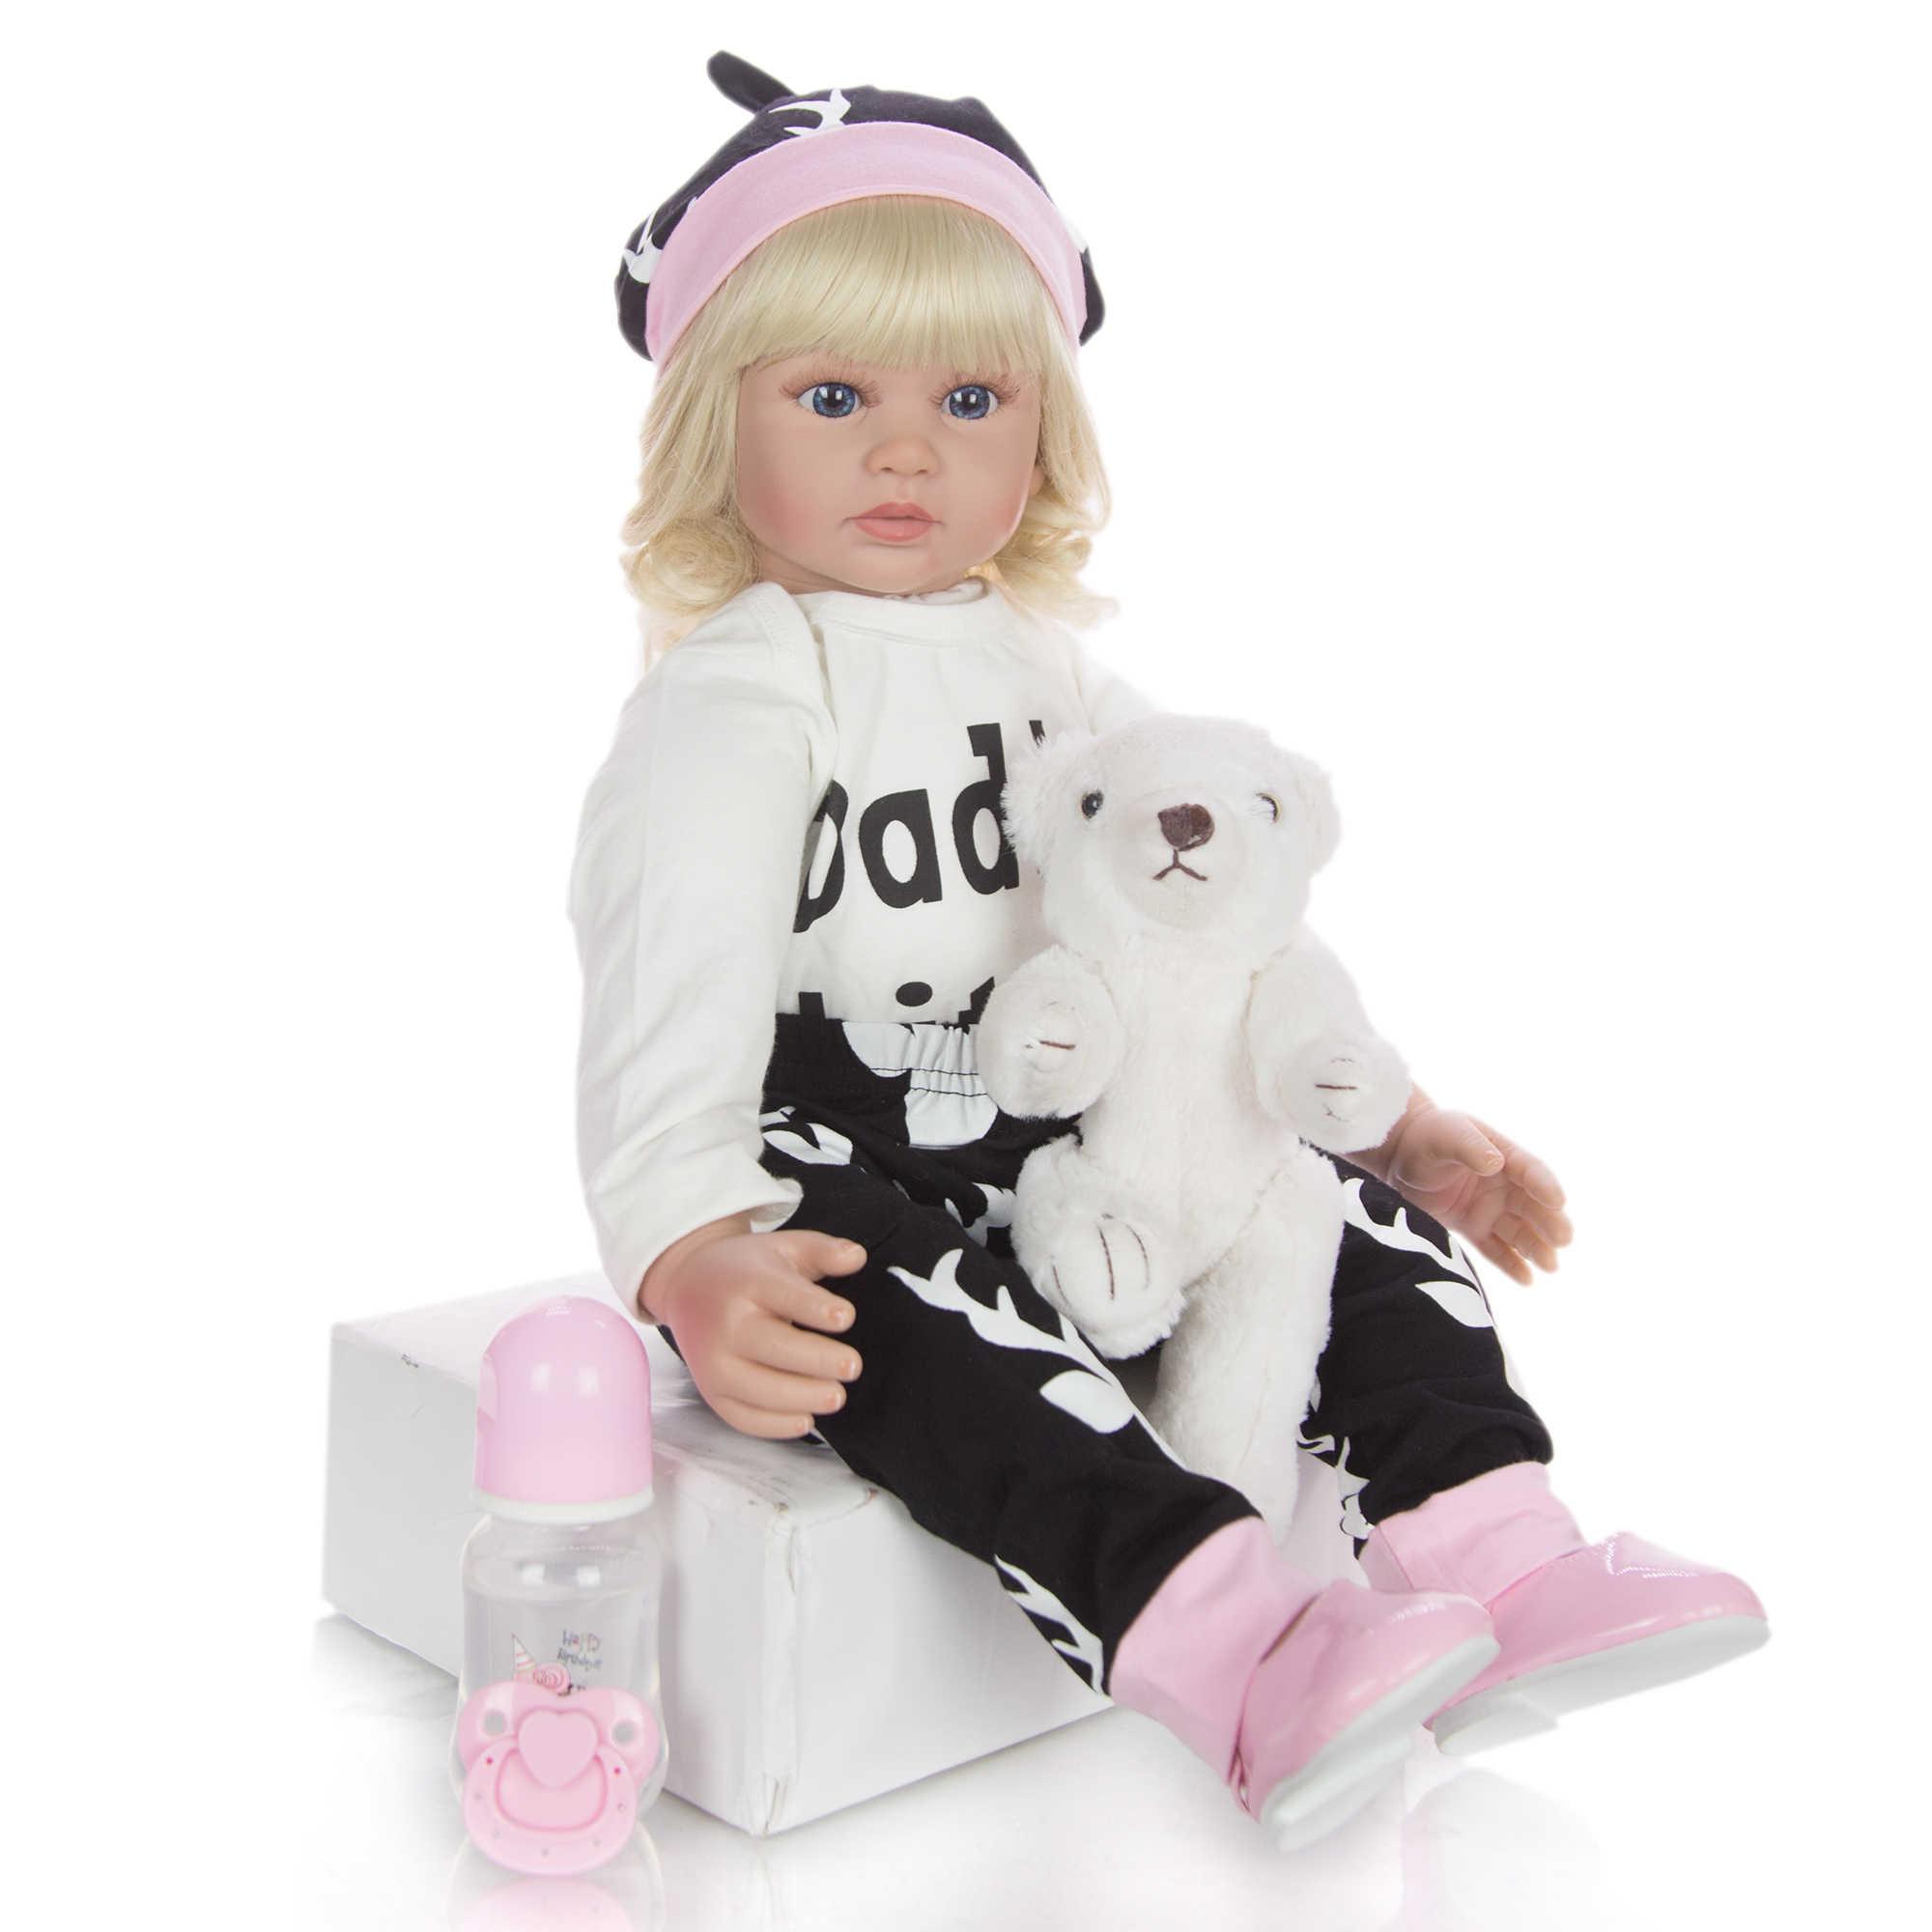 2020 Hot البيع الأميرة الطفل دمية 60 سنتيمتر الجسم القماش دمية الفينيل دمية جميلة تولد من جديد لعبة لفتاة طفل هدية عيد ميلاد النوم اللعب